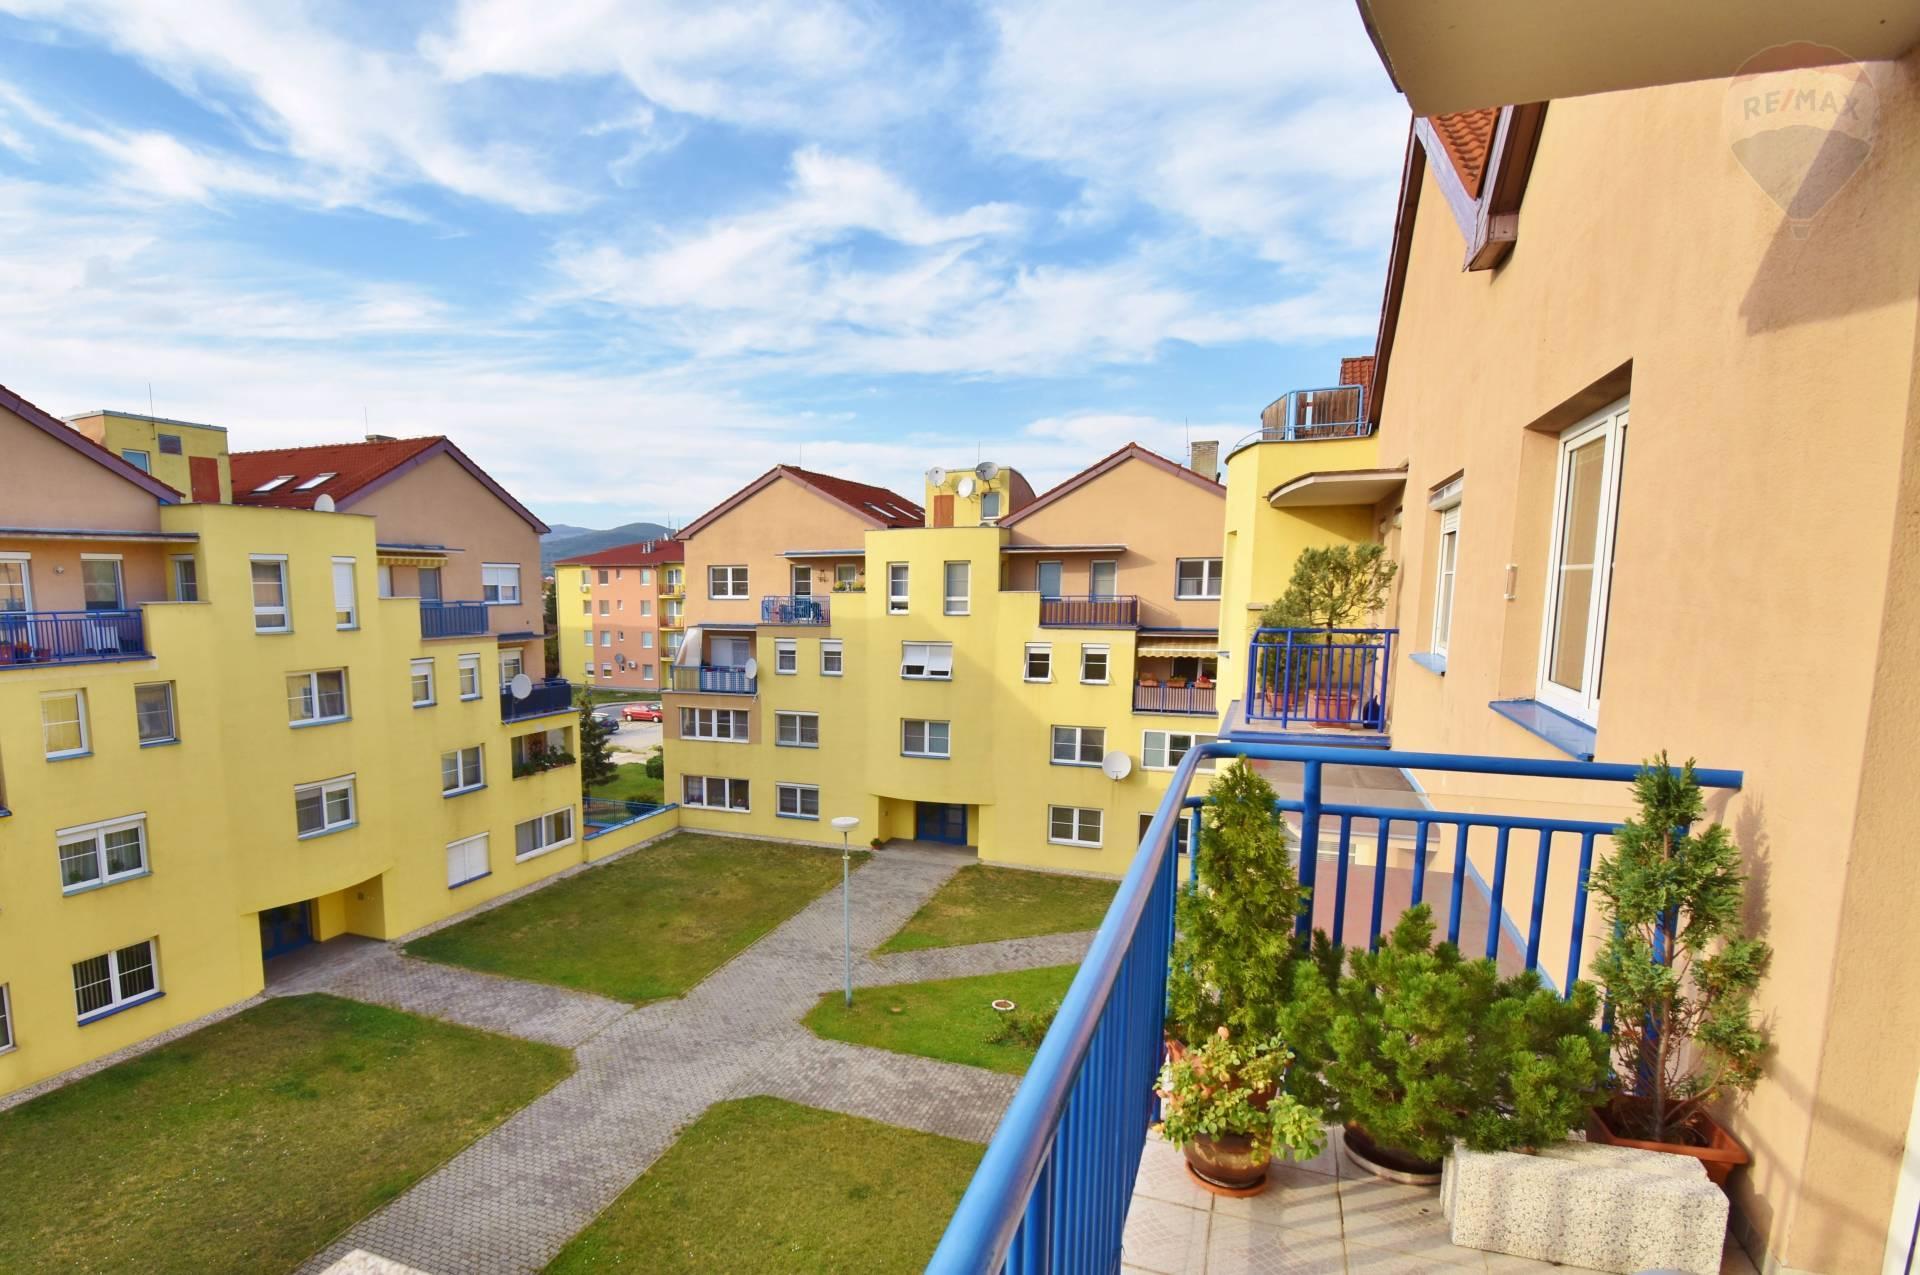 Predaj 7 izbový byt - Mezonet, 191 m2, 2x Loggia, Silvánová ulica, Pezinok